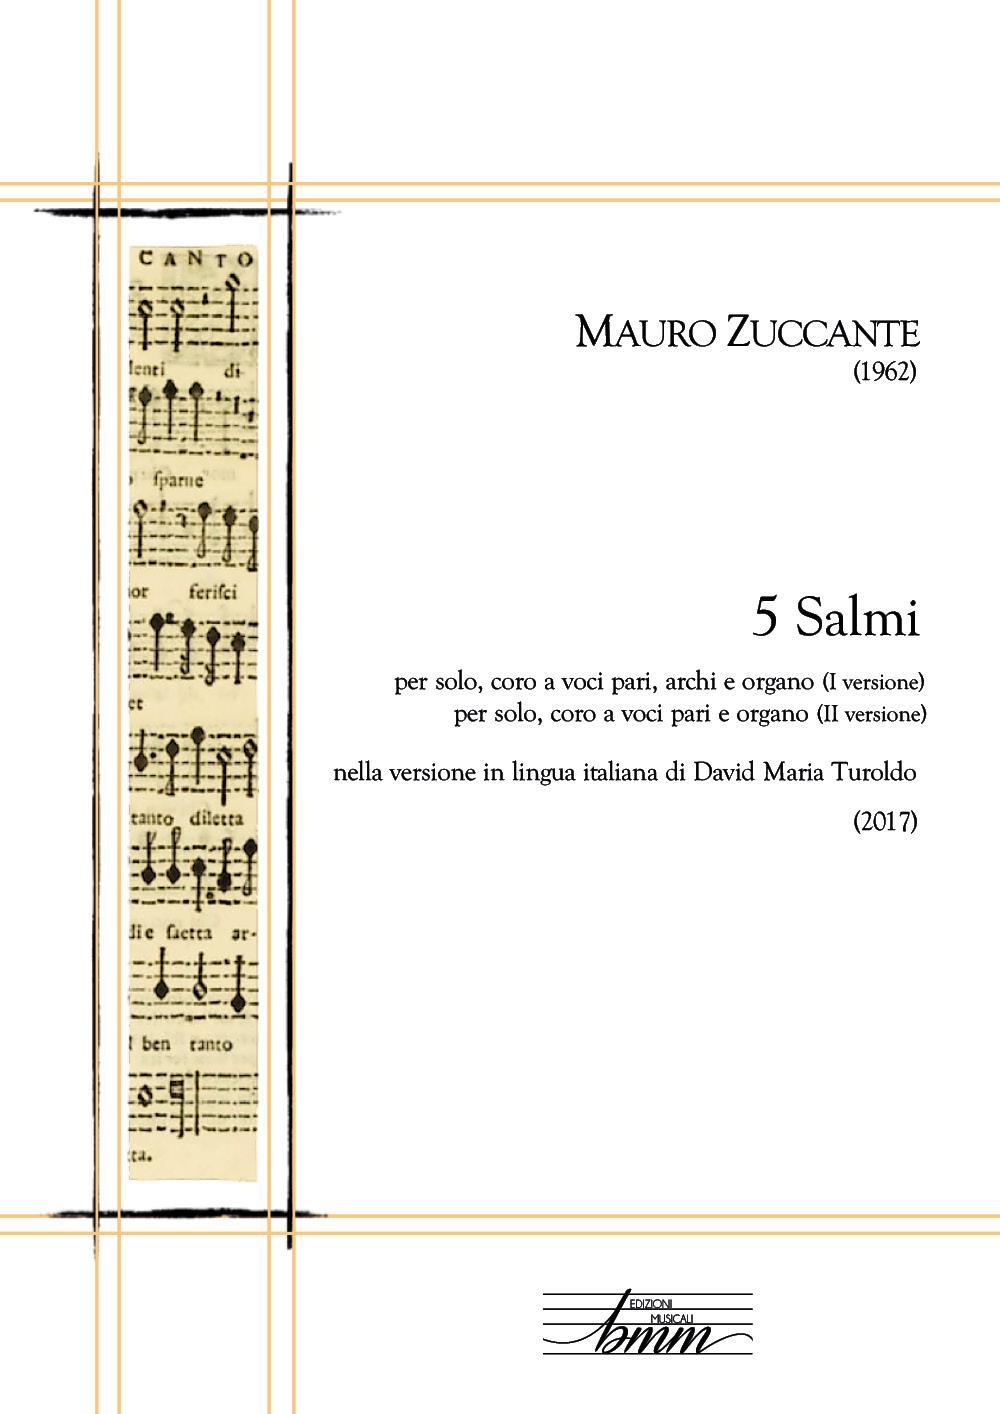 MAURO ZUCCANTE 5 Salmi (2017)